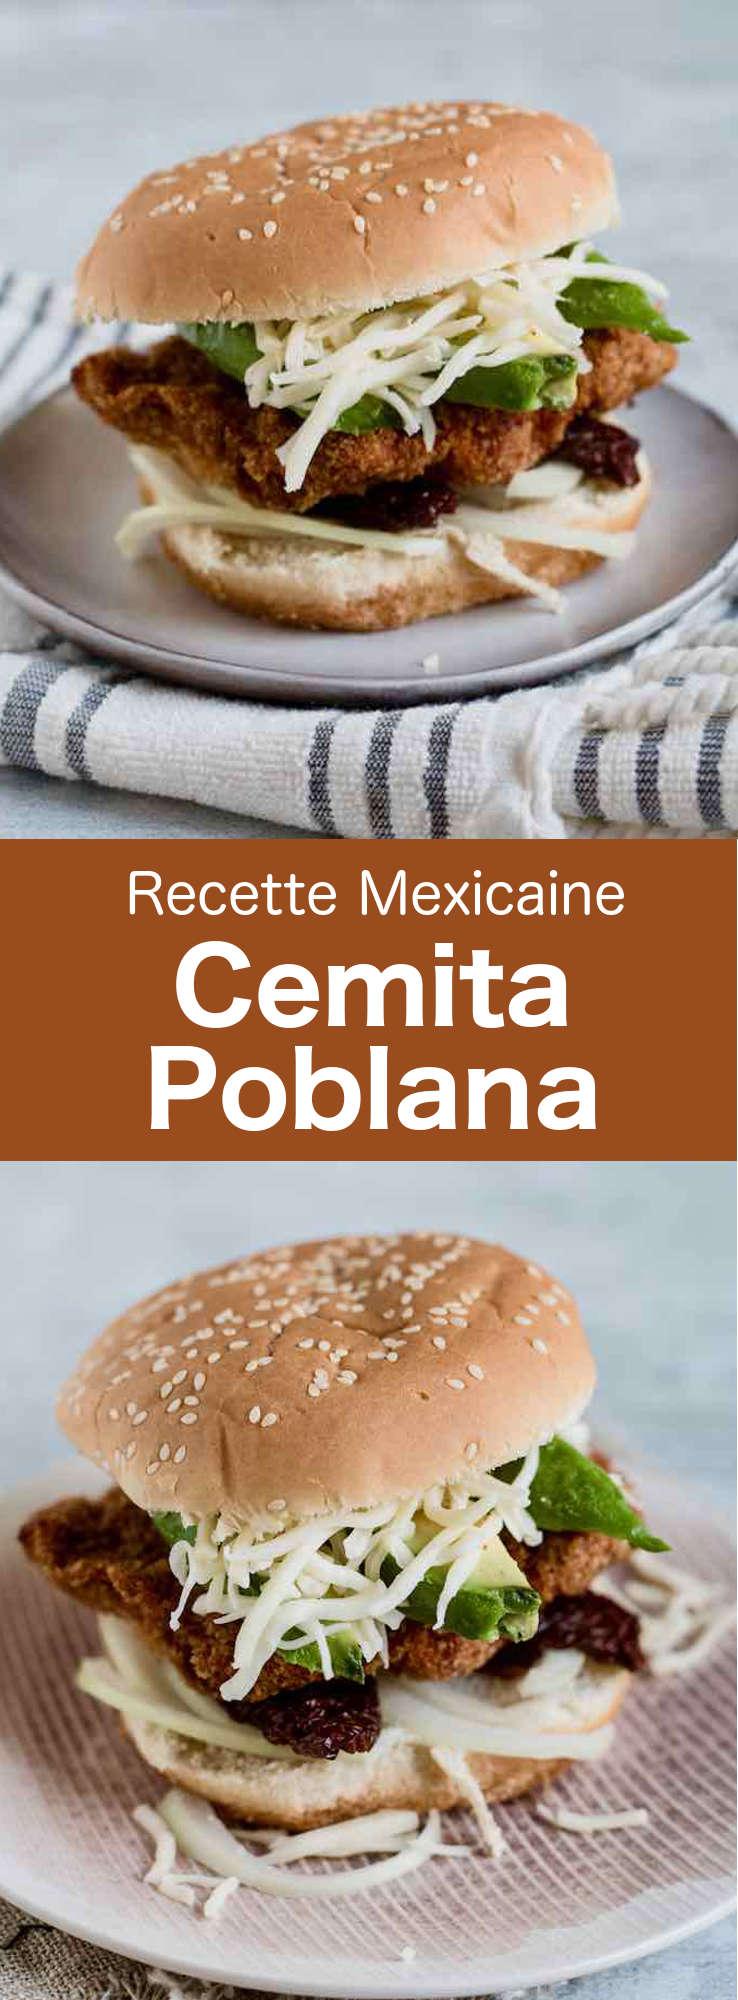 La cemita poblana est un sandwich mexicain traditionnel garni de poulet, porc ou bœuf pané, ainsi que d'avocat, de fromage Oaxaca et de chipotle. #Mexique #RecetteMexicaine #CuisineDuMonde #196flavors